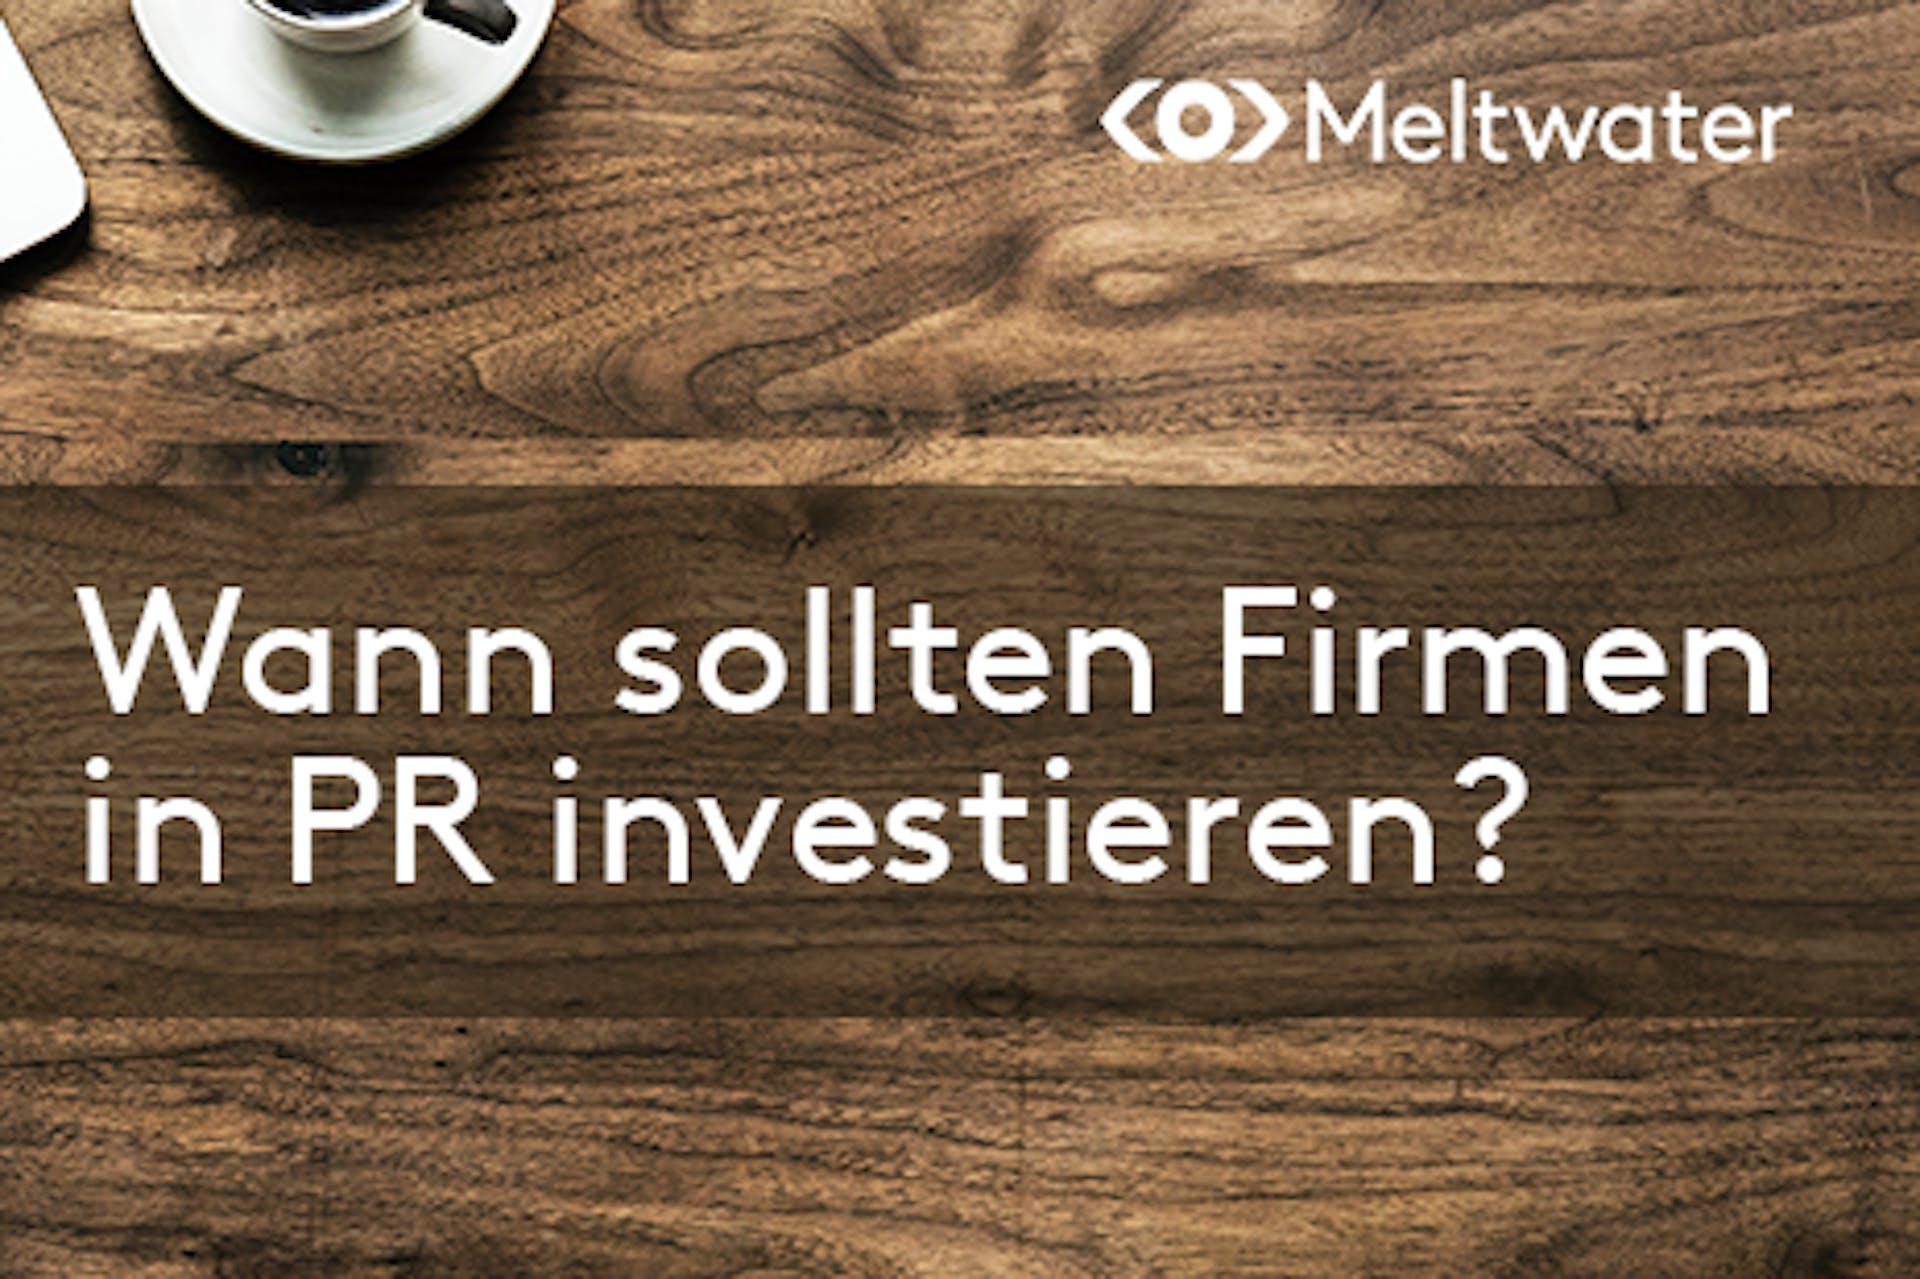 Wann sollten Firmen in PR investieren? Holztisch Aufschrift